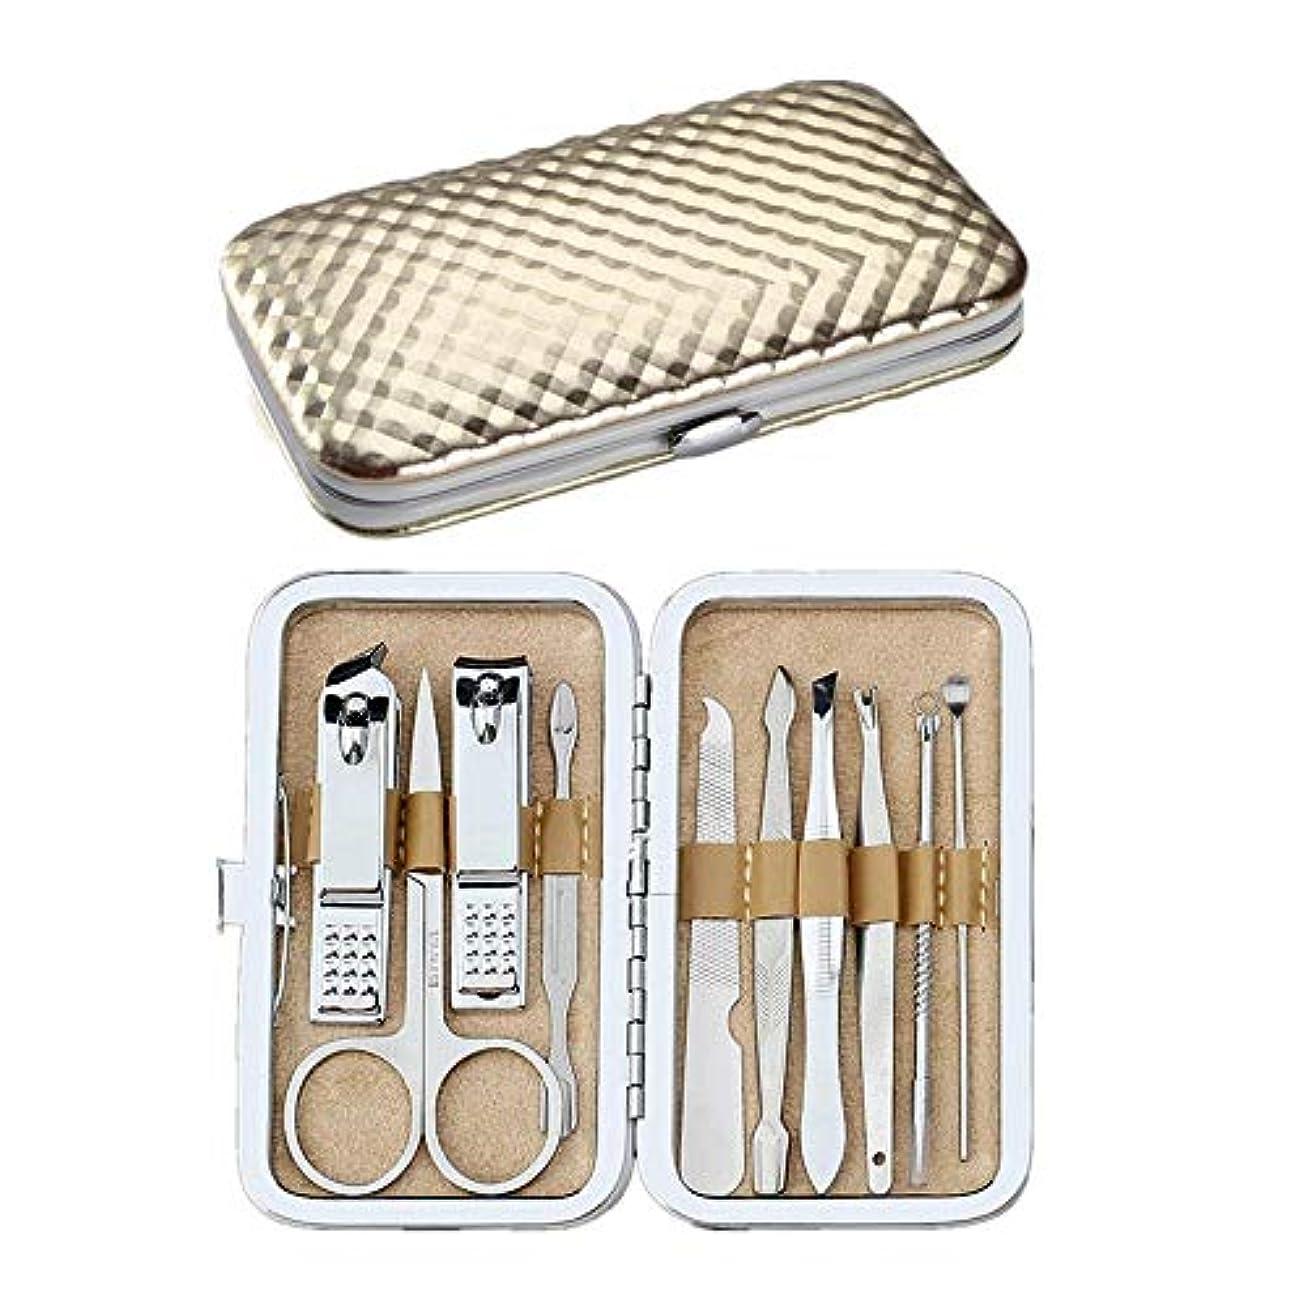 信じられないご飯目指す爪切りセット 高級感 ネイルケア10点セット グルーミング 収納箱携帯 金色